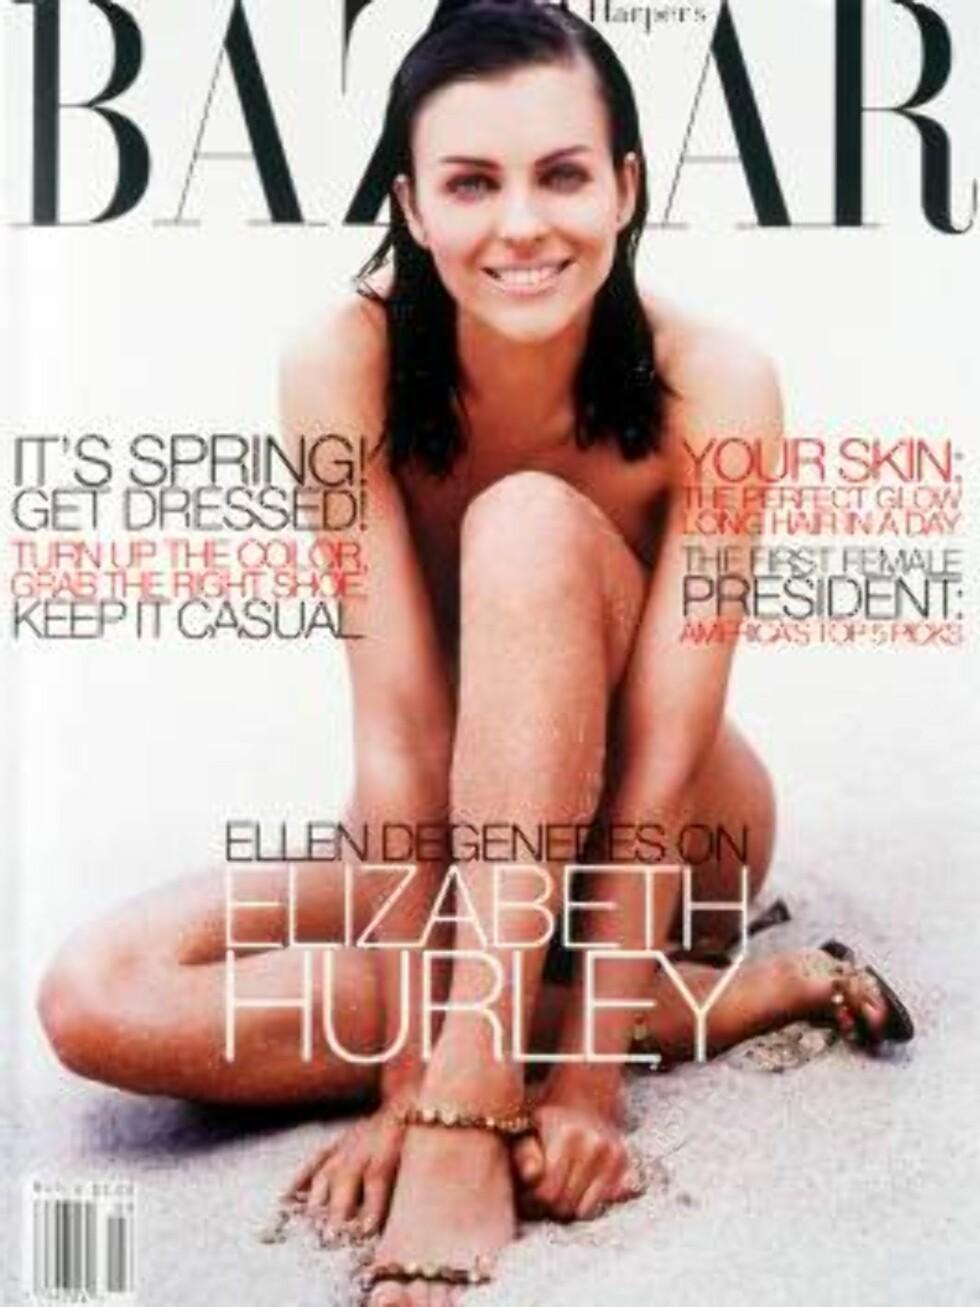 AVKLEDD: Elizabeth Hurley så sitt snitt til å kle helt av seg på forsiden av Harper's Bazaar. Det var et klokt karrierevalg ... Foto: Stella Pictures